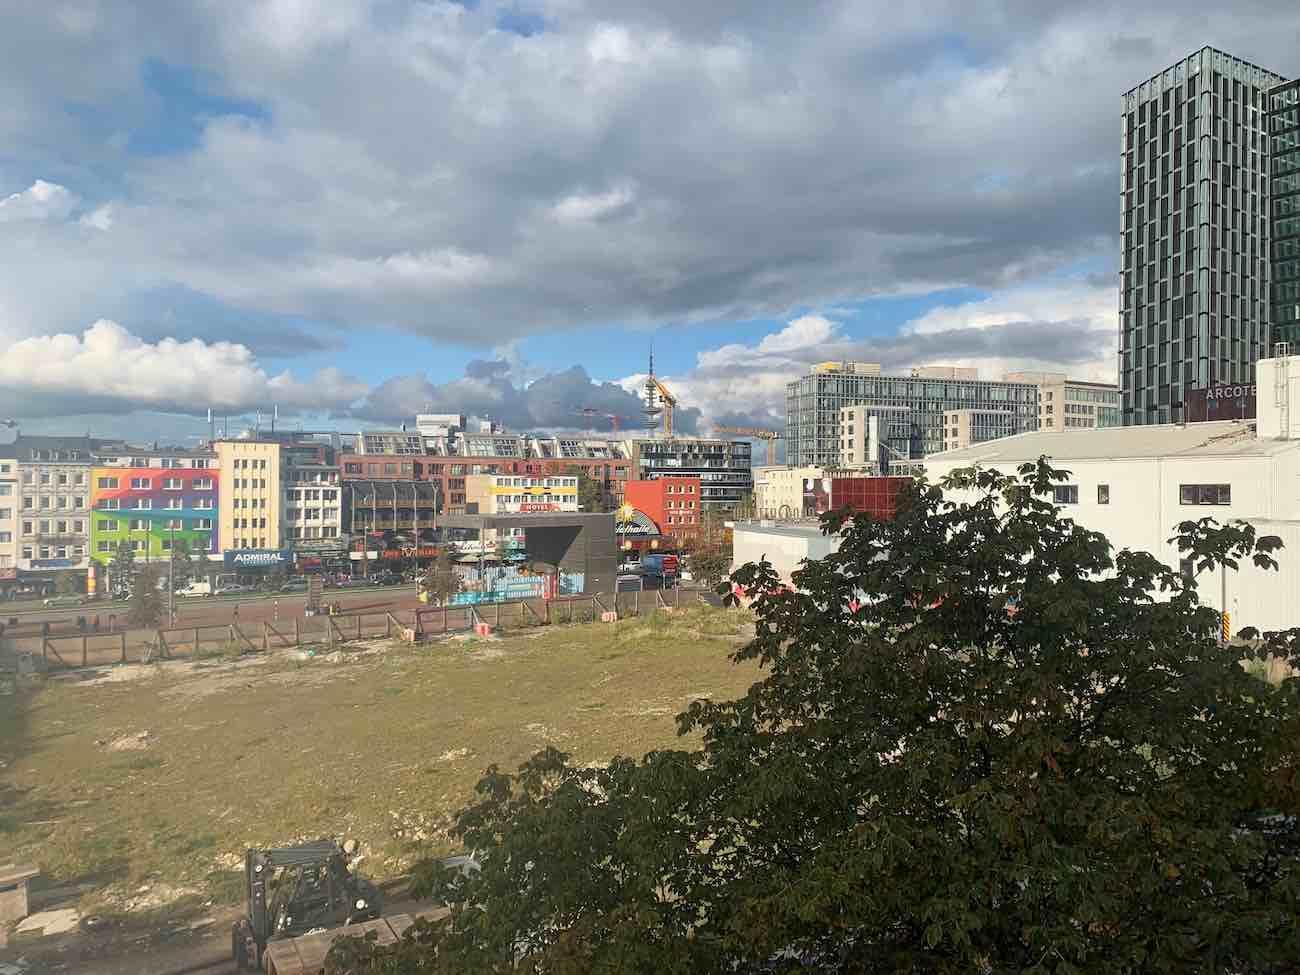 Blick auf die Kastanienallee, die Parallelstraße zur Reeperbahn Richtung Hafen und auf die schon seit fünf Jahren bestehende Brache der früheren Esso-Tankstelle. Was wird in Zukunft dort sein?